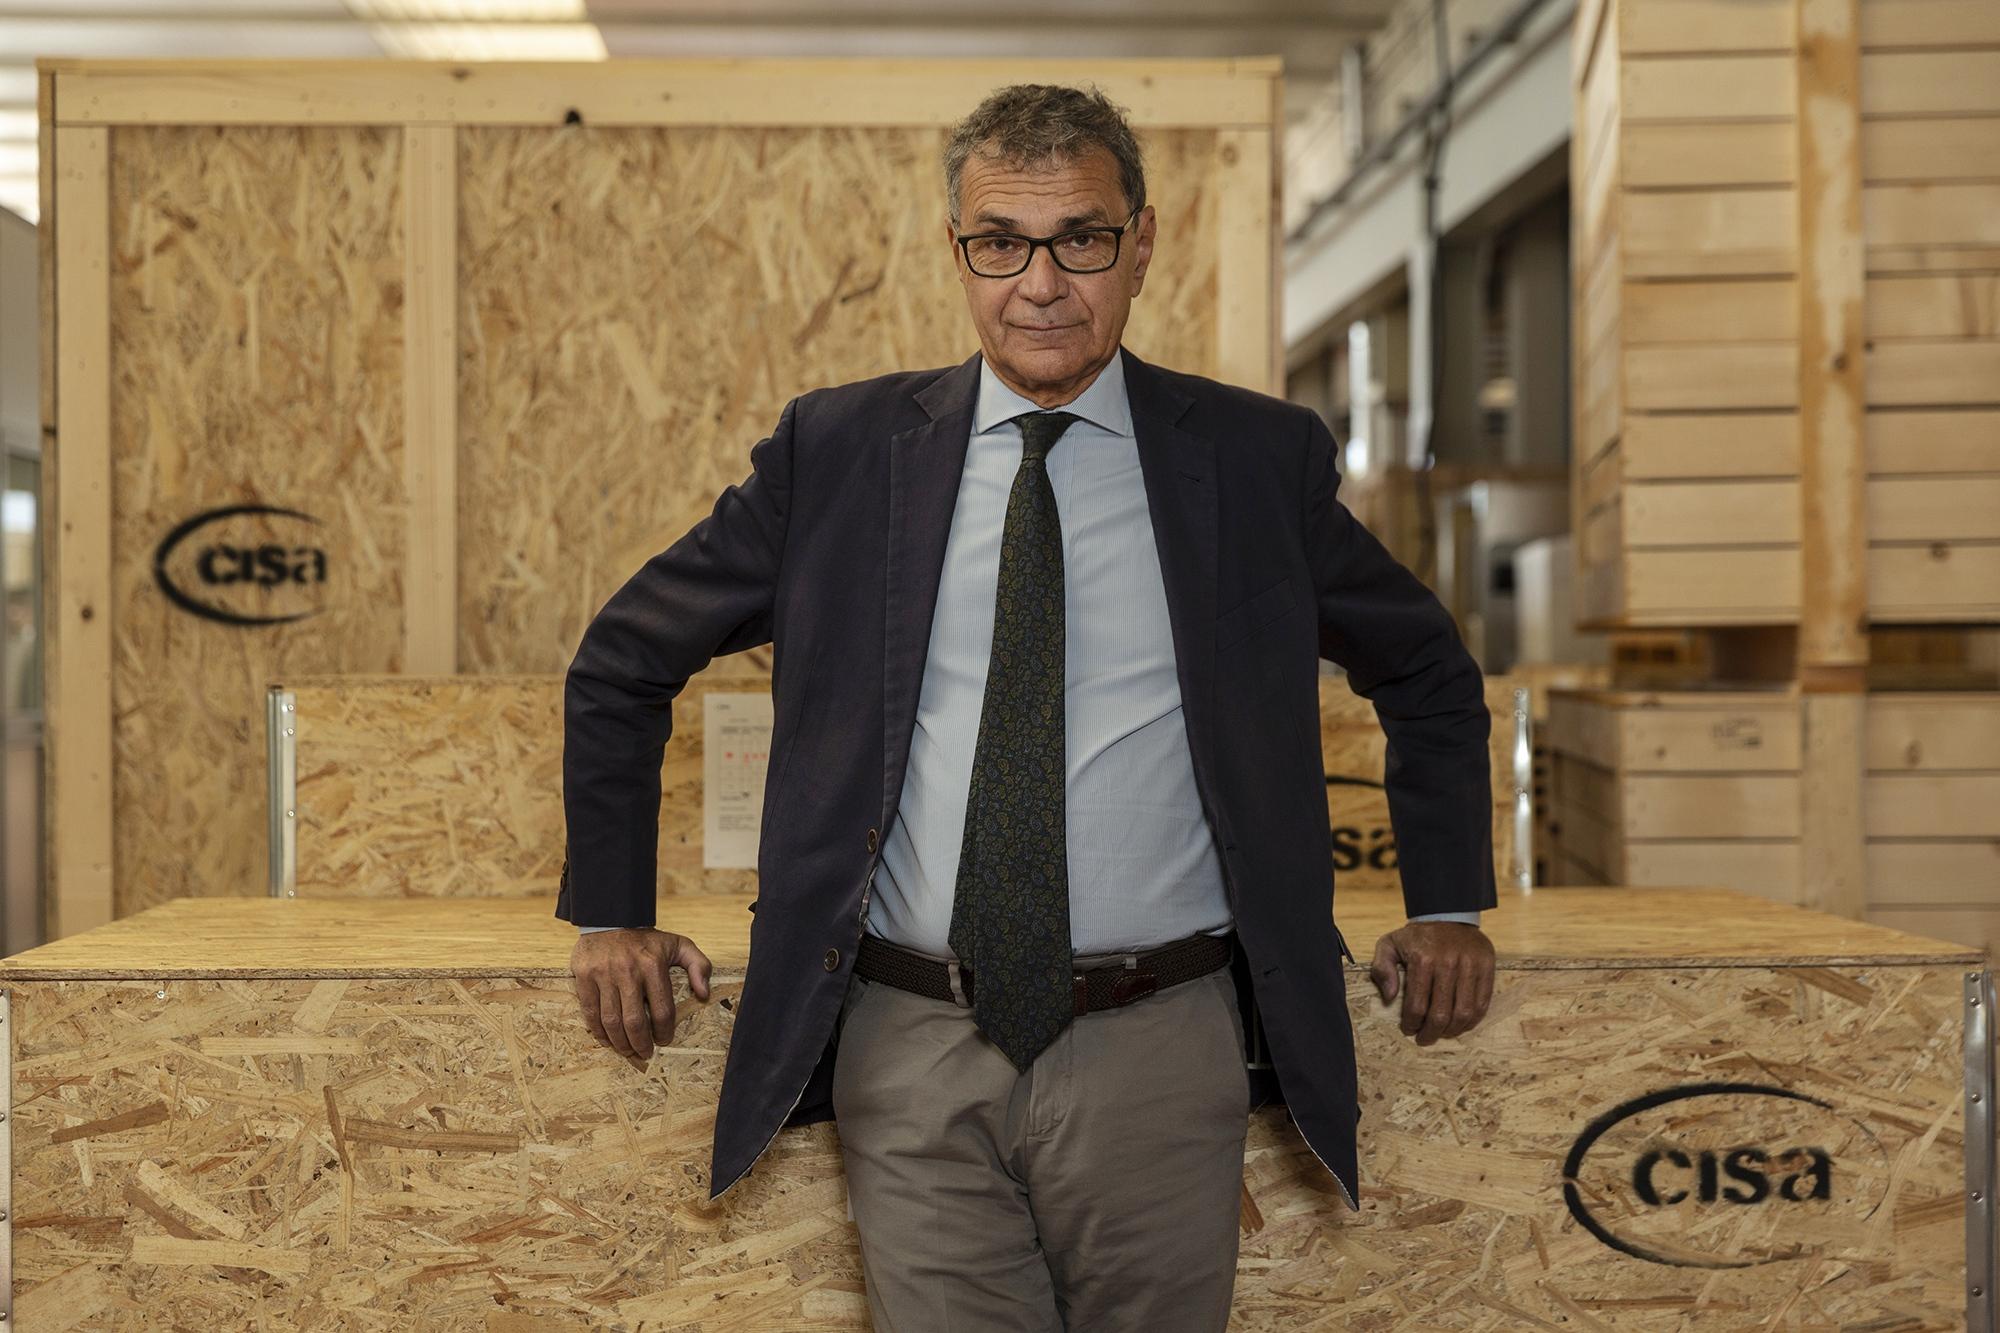 L'amministratore delegato di CISA - Antonio Veronesi